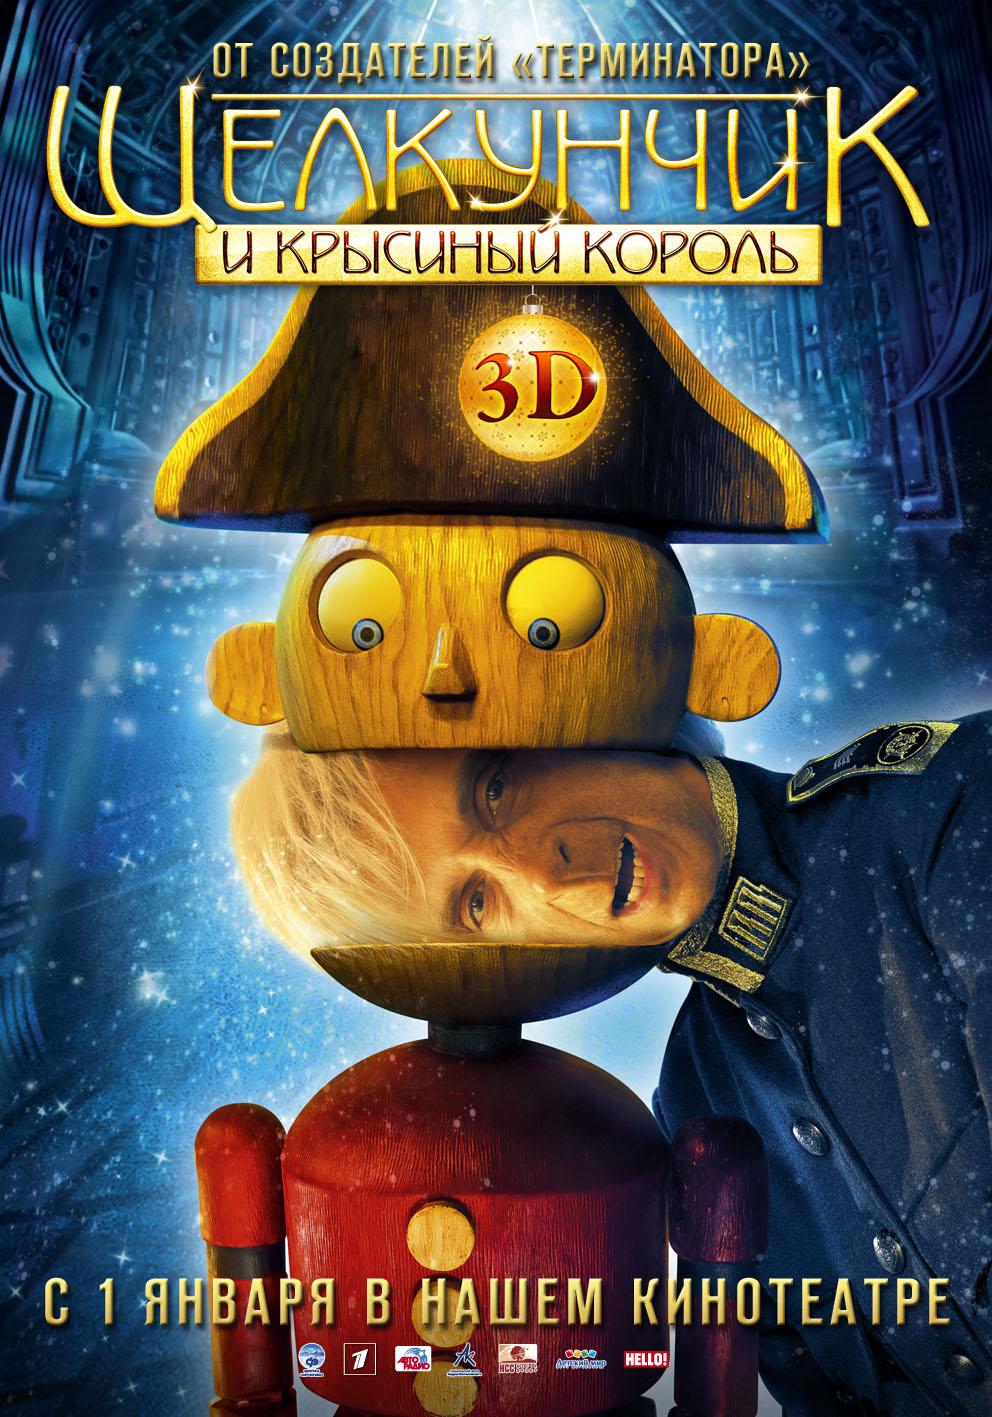 Nutcracker 3D : Teaser Trailer